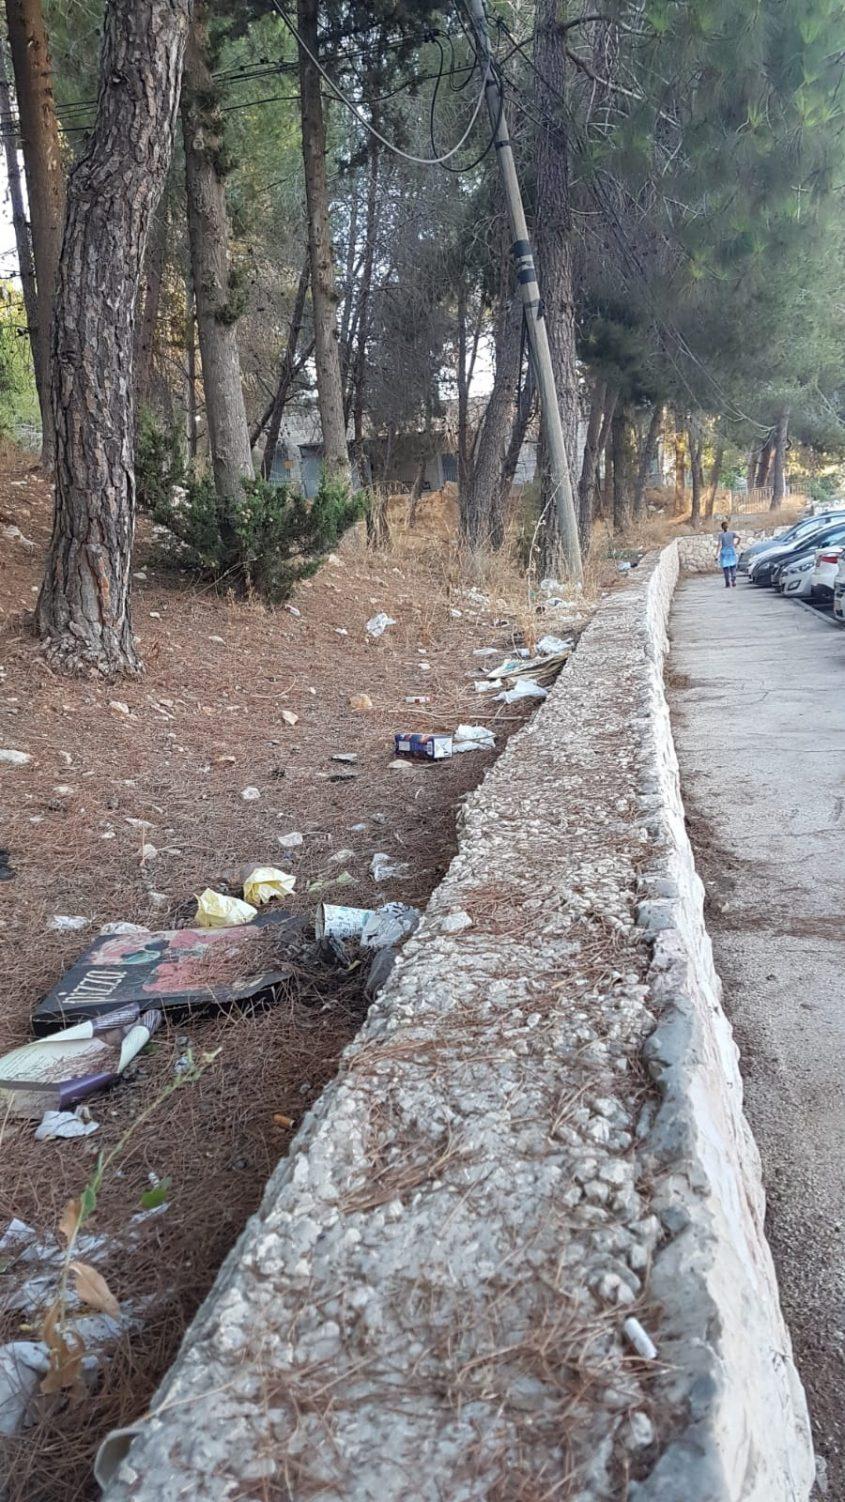 הלכלוך בשטח הפתוח ברחוב יהושע ייבין (צילומים: שרה יעקובזדה)